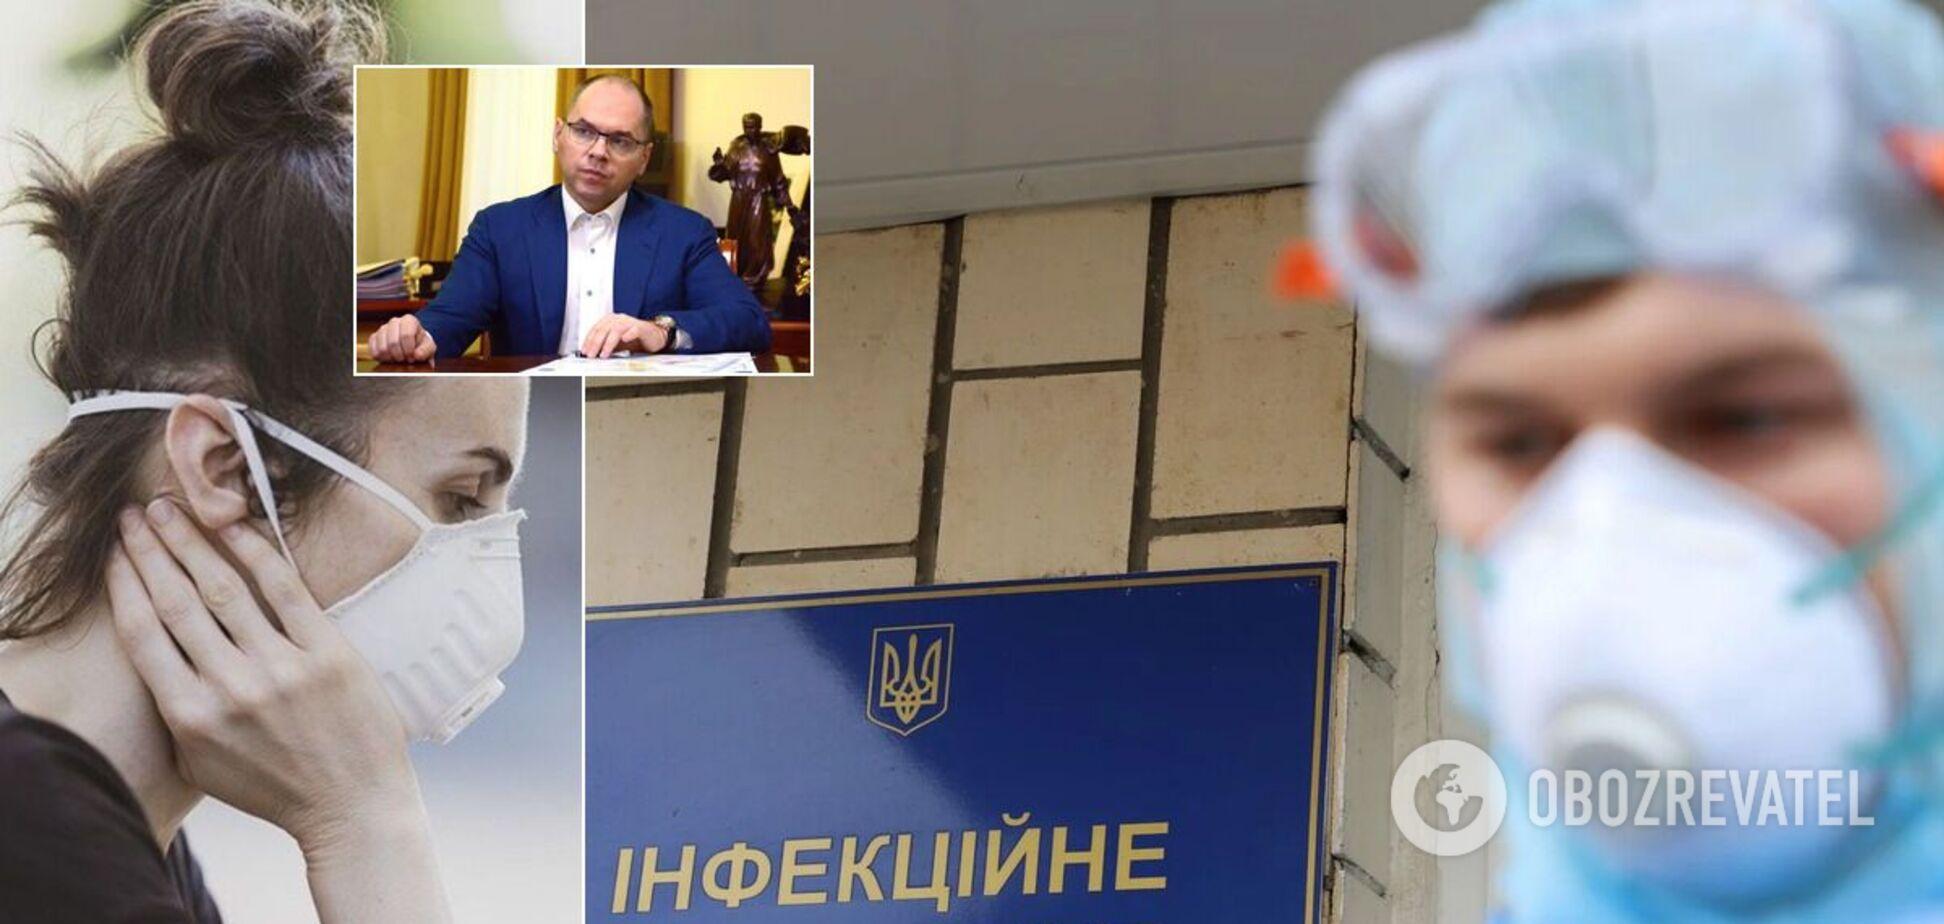 Степанов визнав, що ситуація з COVID-19 в Україні близька до катастрофи